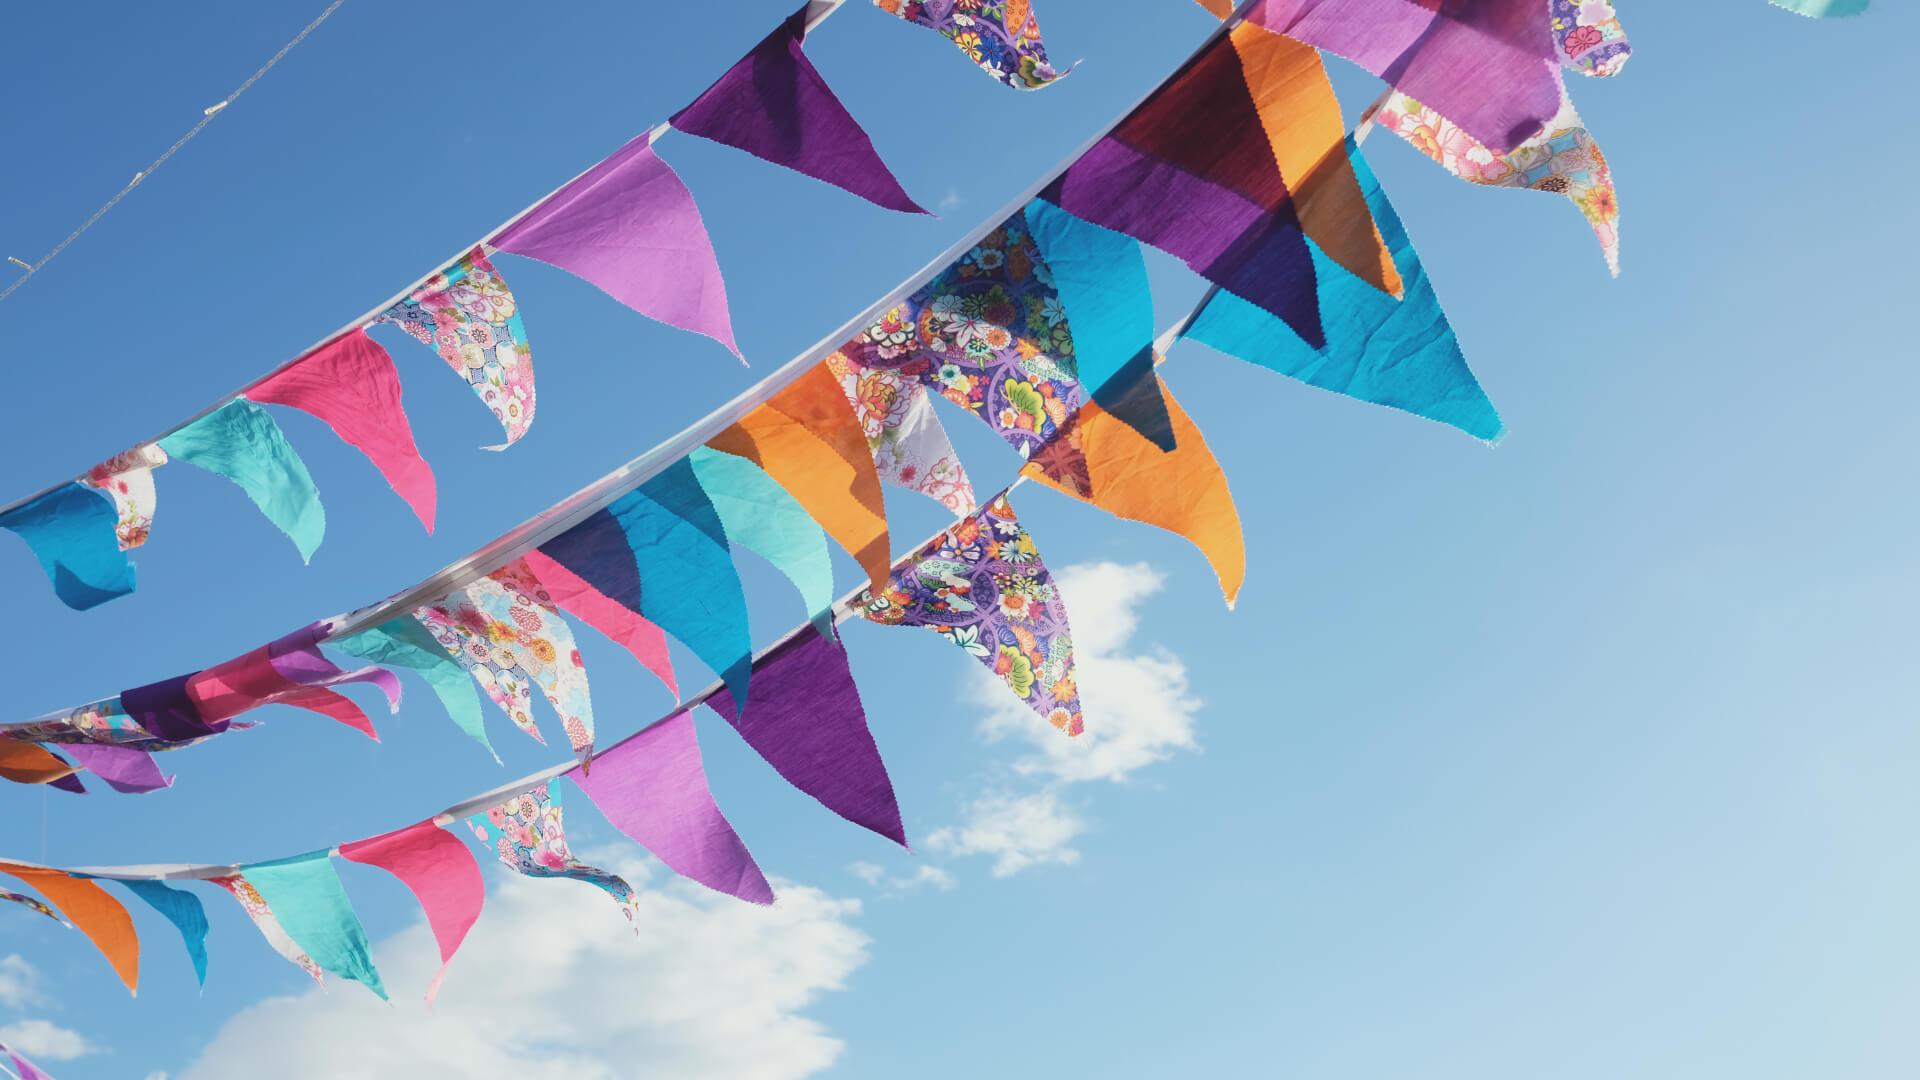 Festival Fobisine Neden Olan Festival: FYRE